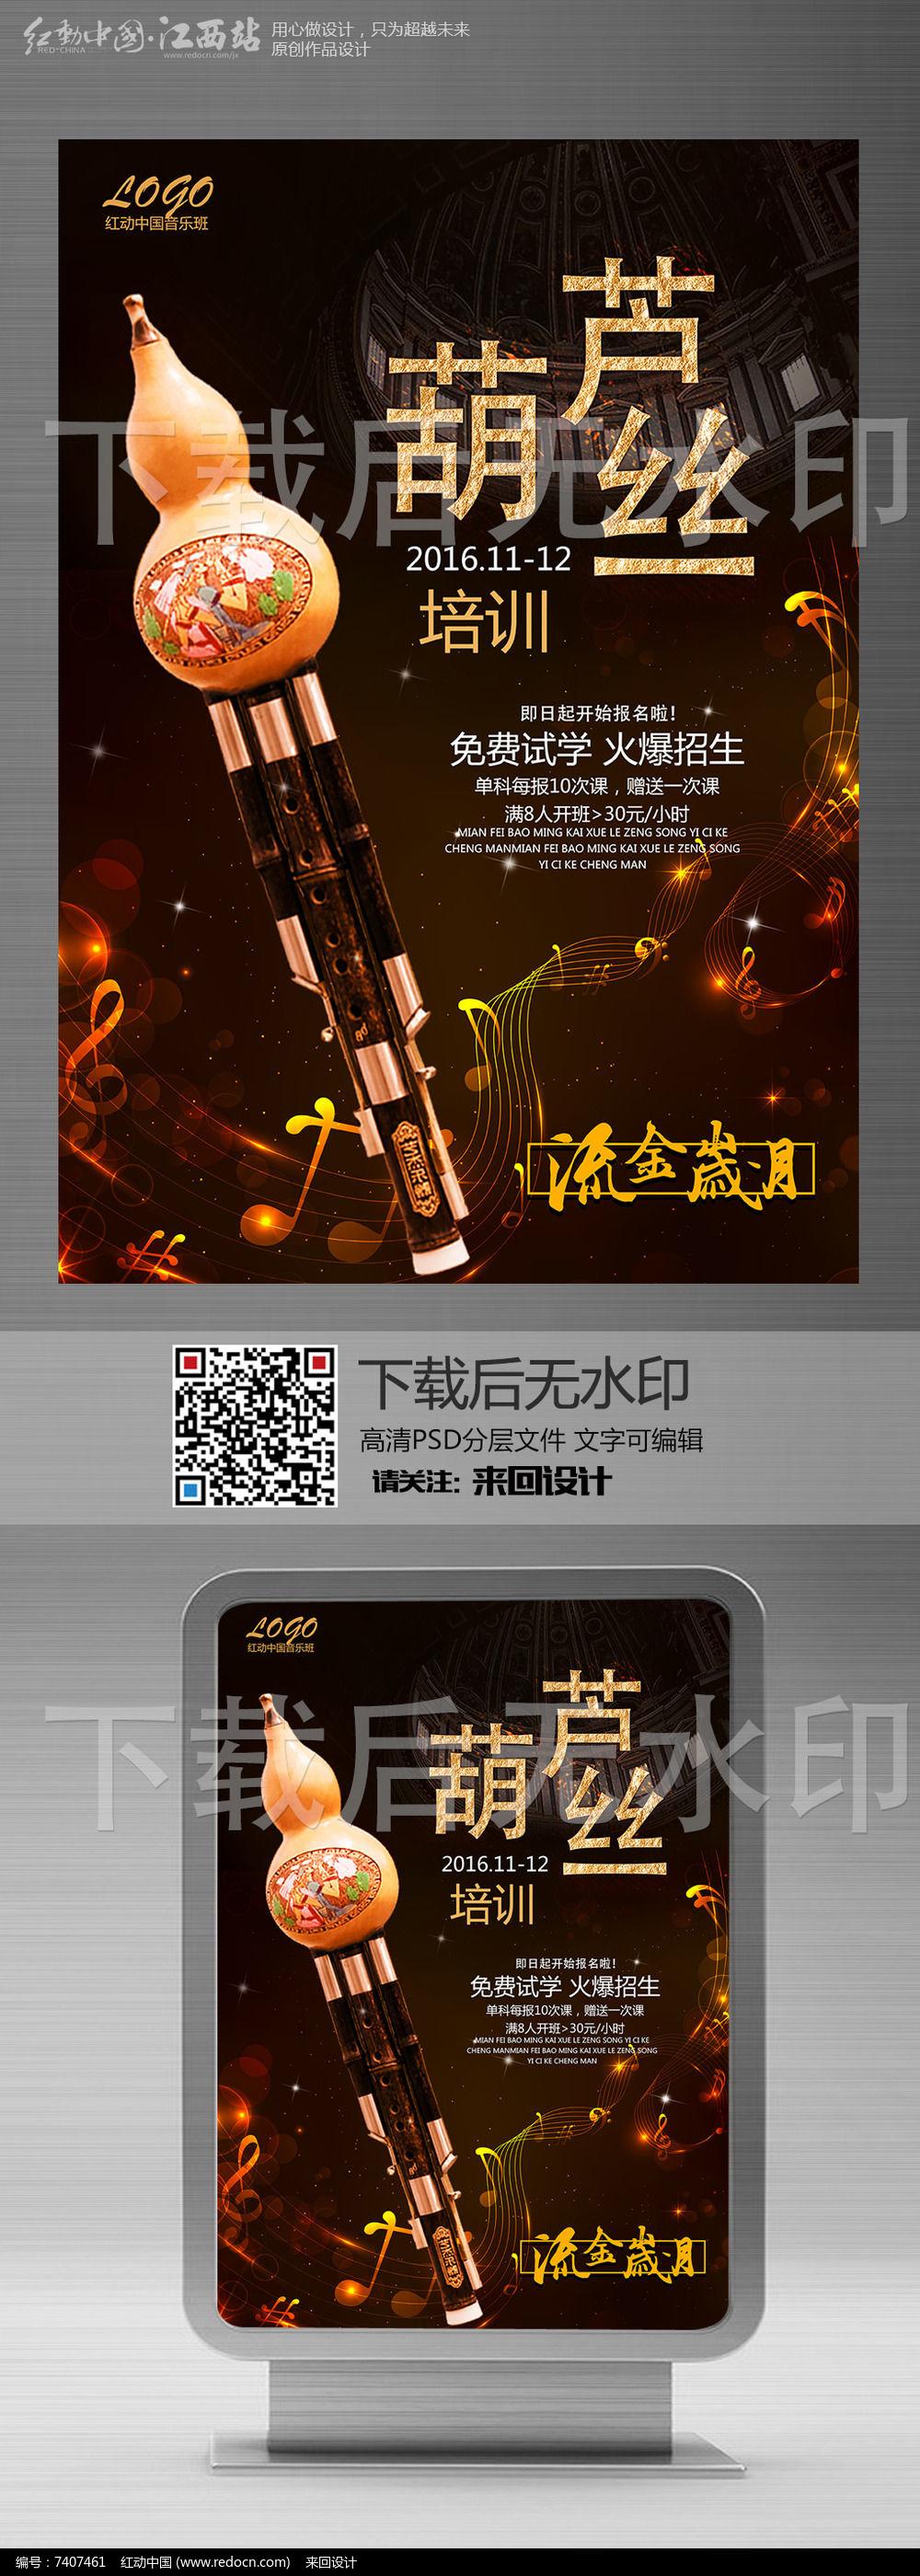 大气葫芦丝招生宣传海报图片